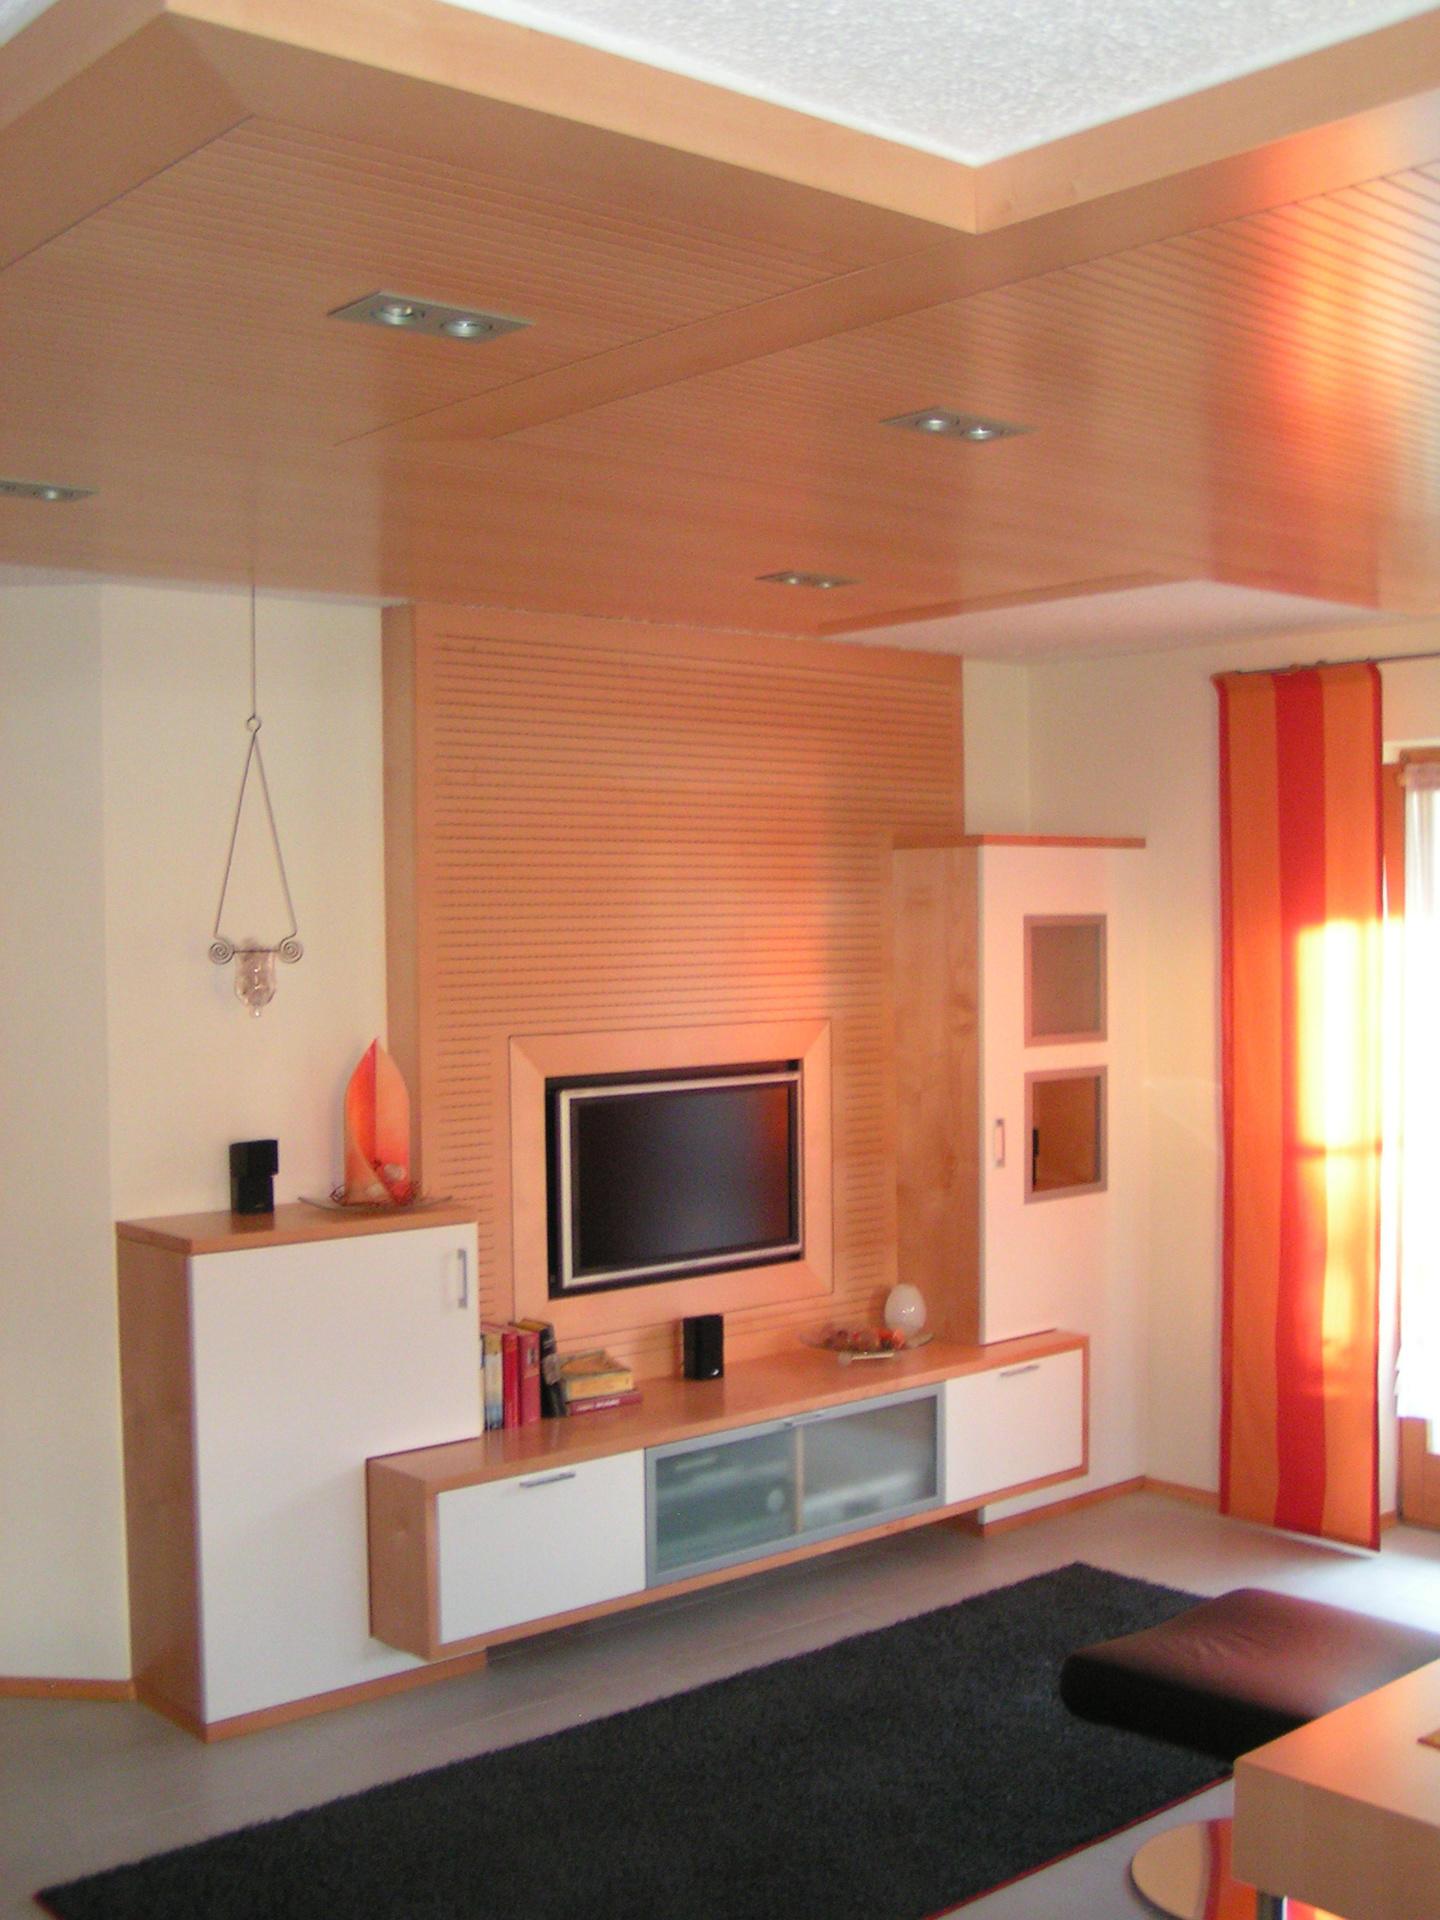 heimkinos firma kaiser akustikbau akustikbausysteme. Black Bedroom Furniture Sets. Home Design Ideas